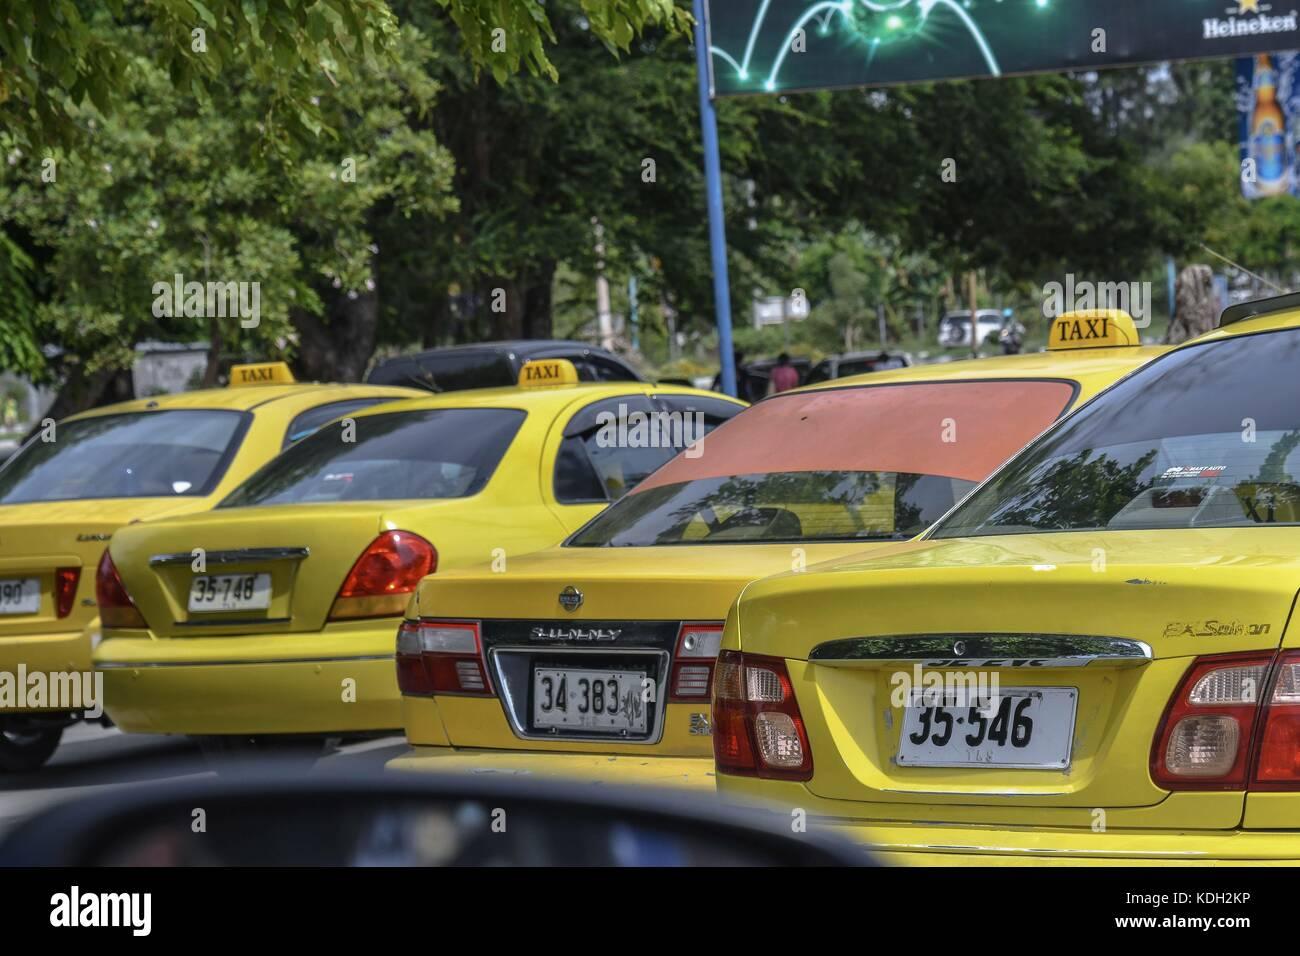 Aeroporto Dili : Taxis at the airport nicolau lobato dili timor leste dec. 28